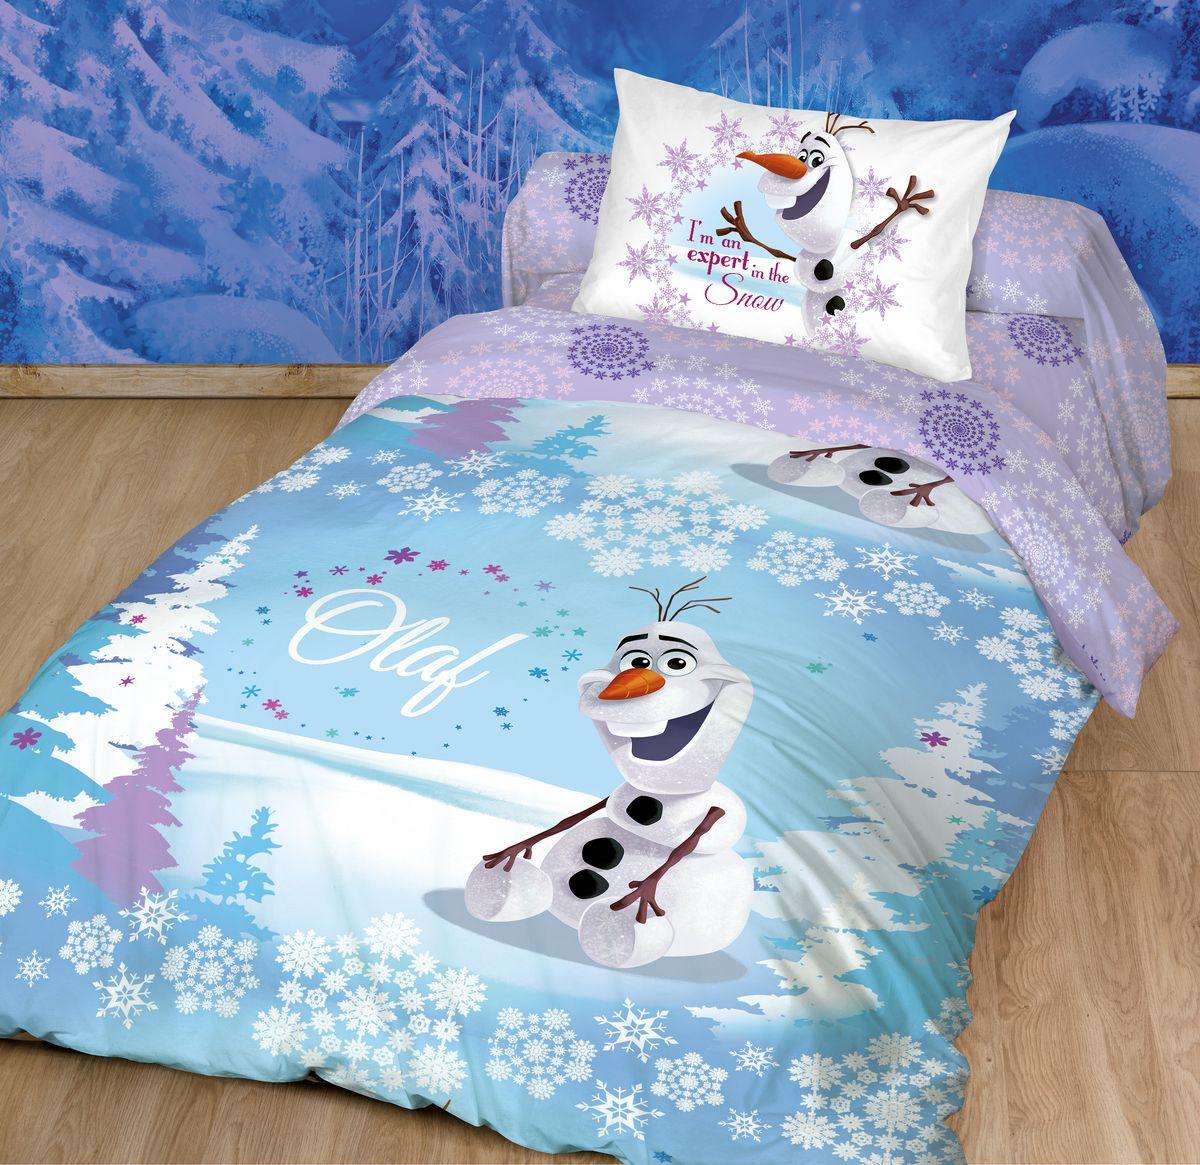 Комплект белья Disney, 1,5-спальный, наволочка 50х70. 186495186495Комплект белья Disney - это лицензионное постельное белье, выполненное из натуральных природных материалов.Комплект состоит из пододеяльника, простыни и наволочки.Уникальная структура ткани с высокими потребительскими свойствами. Ранфорс - это 100% хлопковая ткань. Привлекательная упаковка, позволяющая быть великолепным подарочным вариантом. Высокое качество пошива. Ручной подбор раппорта для сохранения целостности героя. Такой комплект привнесет в спальню ребенка массу новых красок и незабываемых впечатлений.